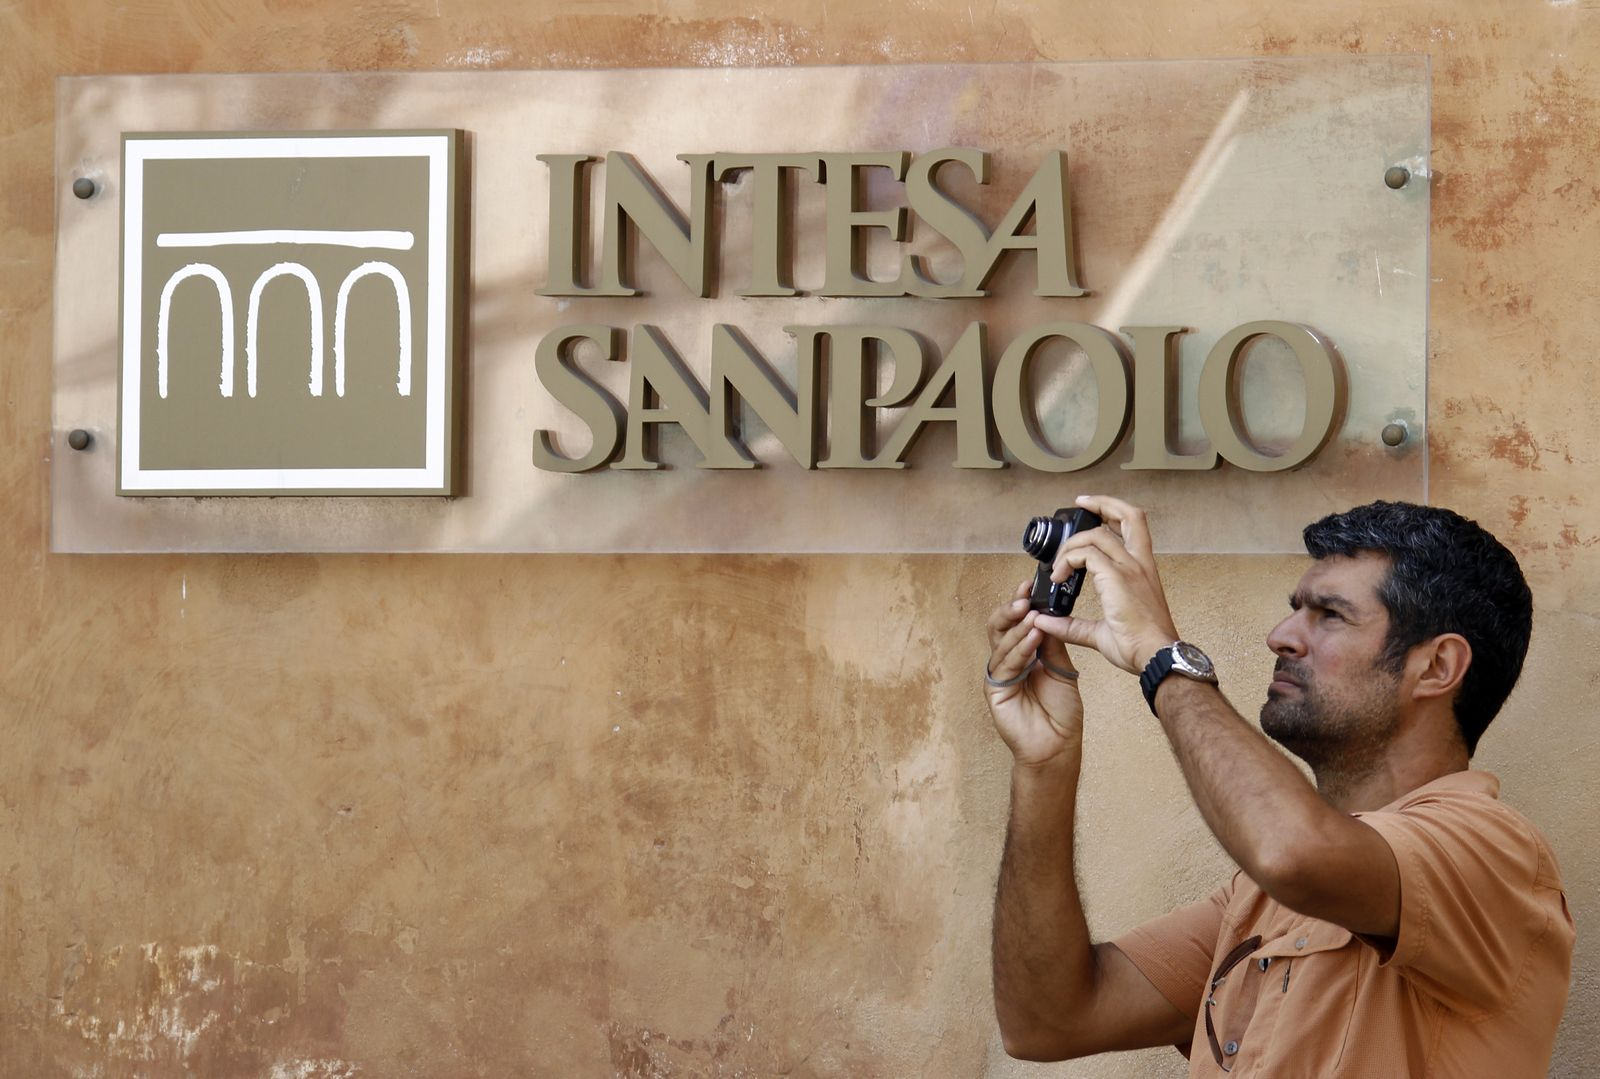 Italien / Bank / Intesa Sanpaolo